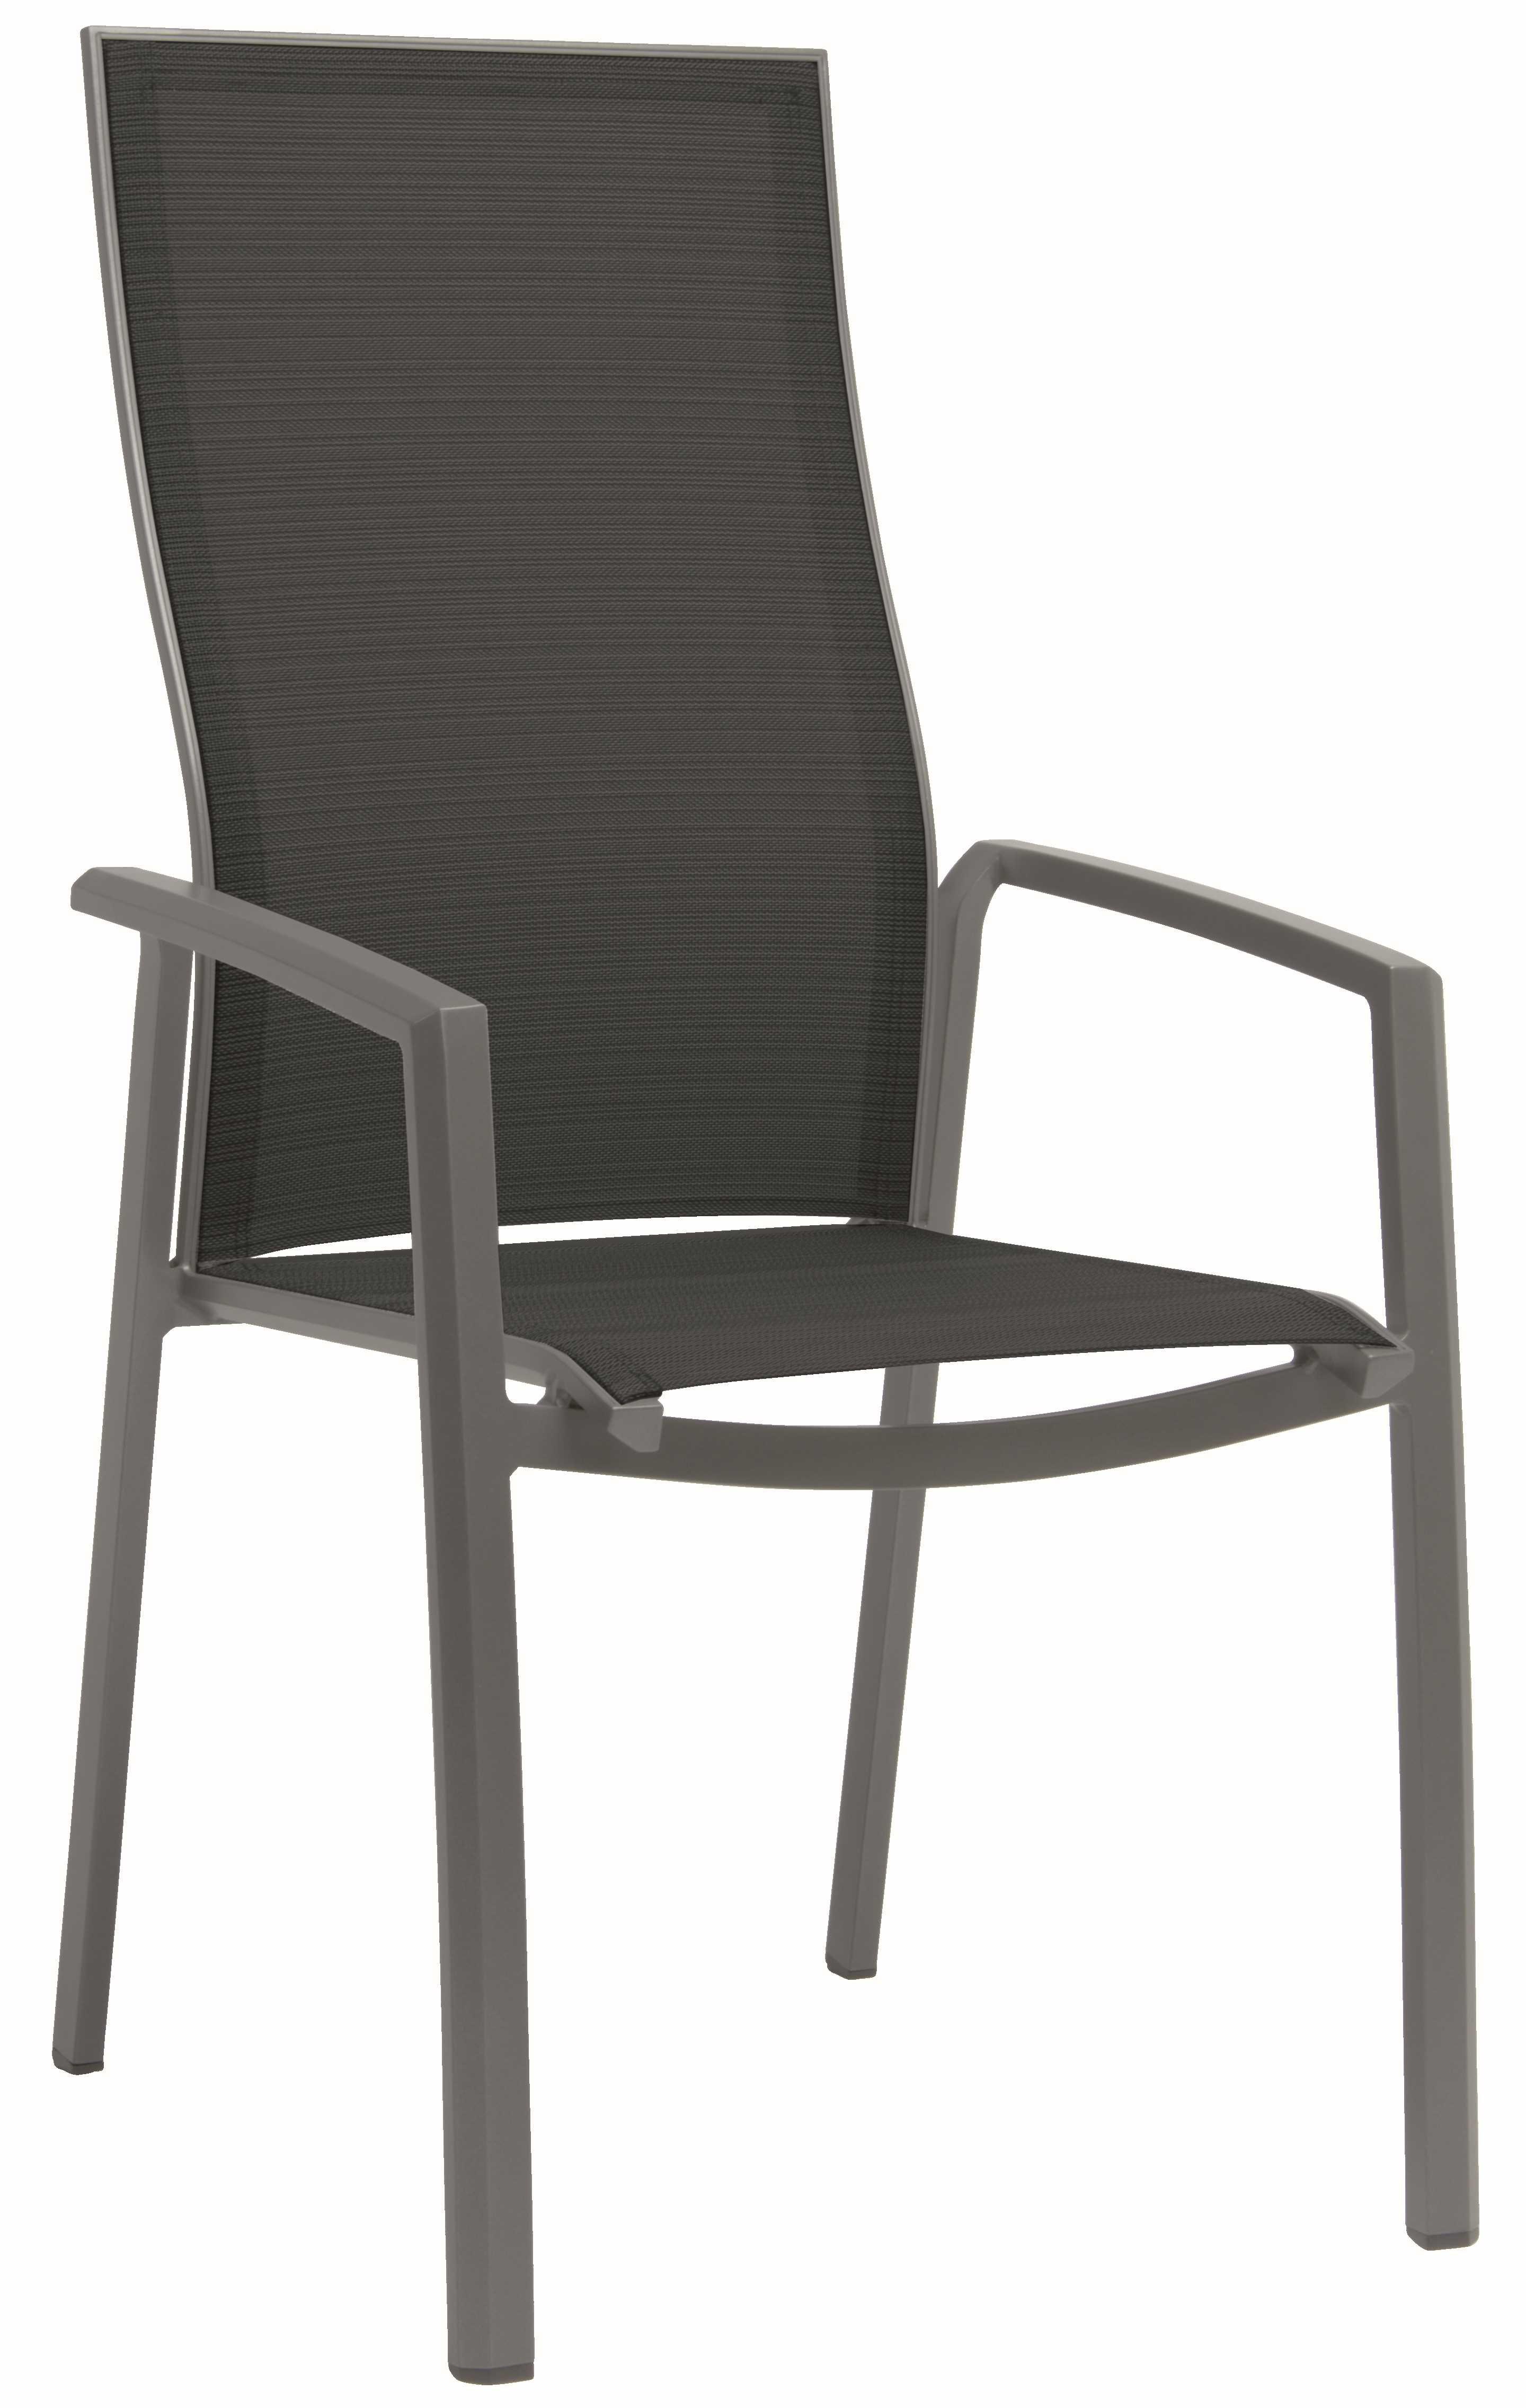 Sessel Stapelsessel Kari hohe Rückenlehne Aluminium